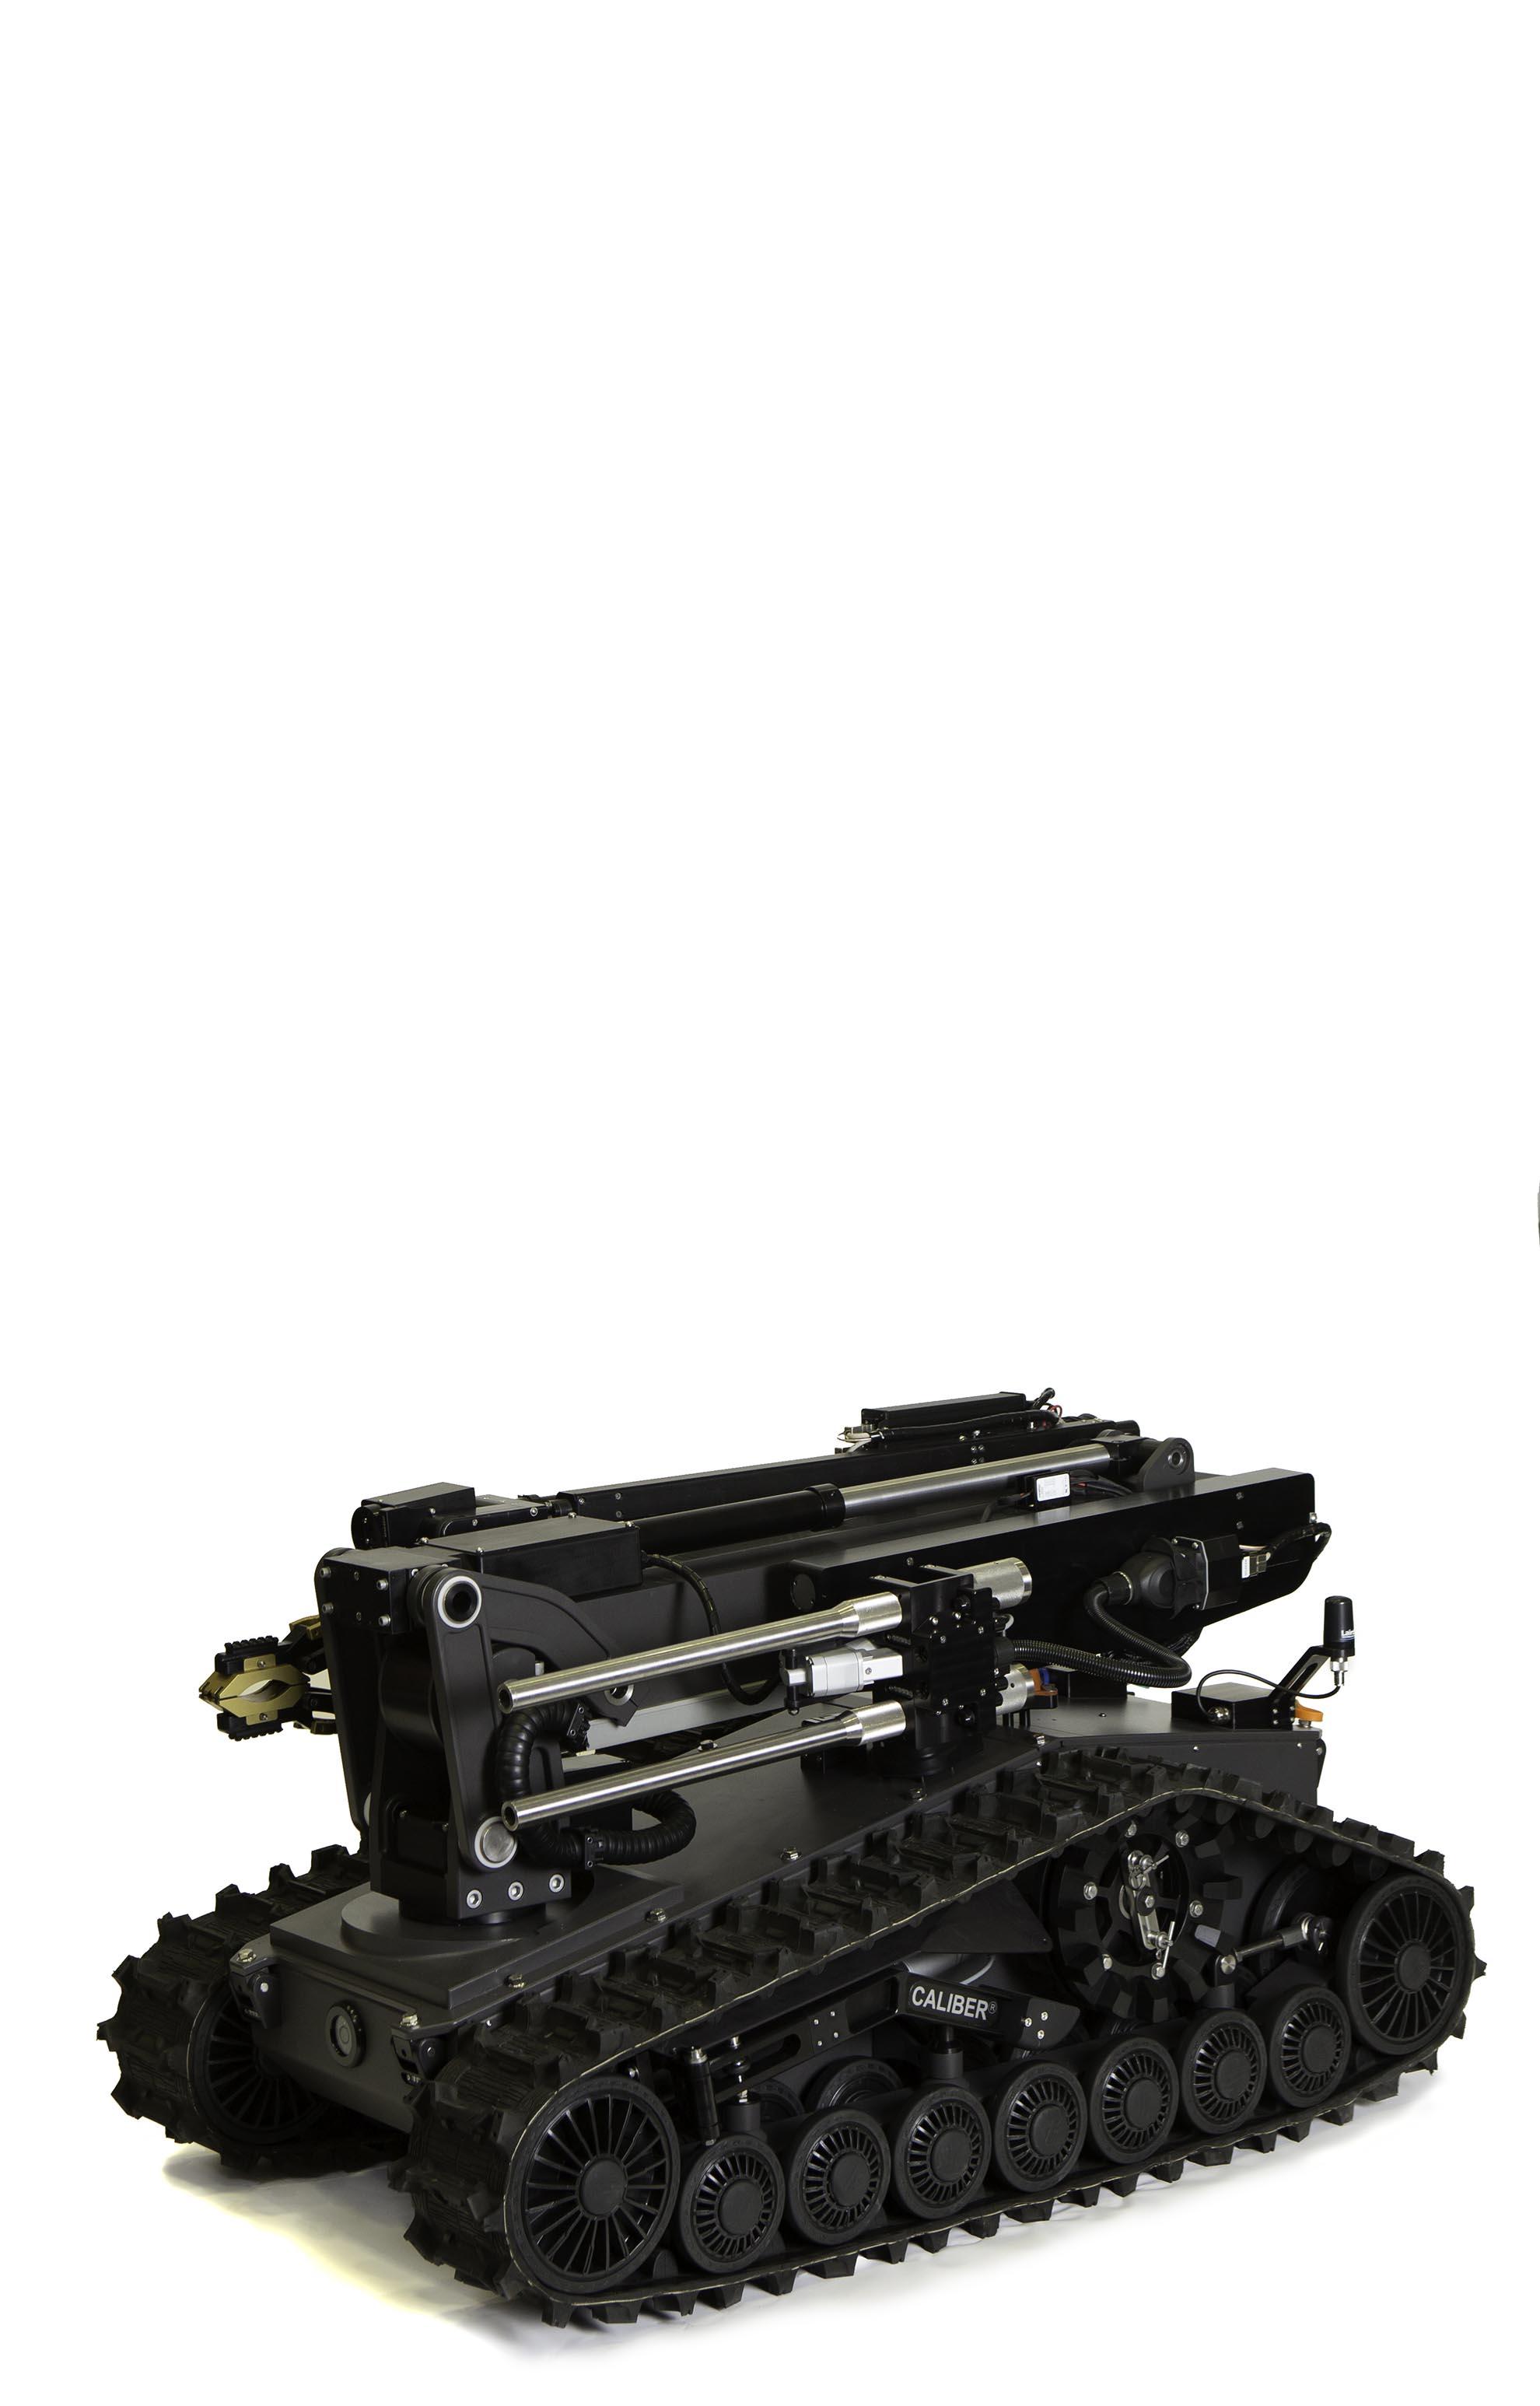 caliber-mk4-lvbied-robot-stowed